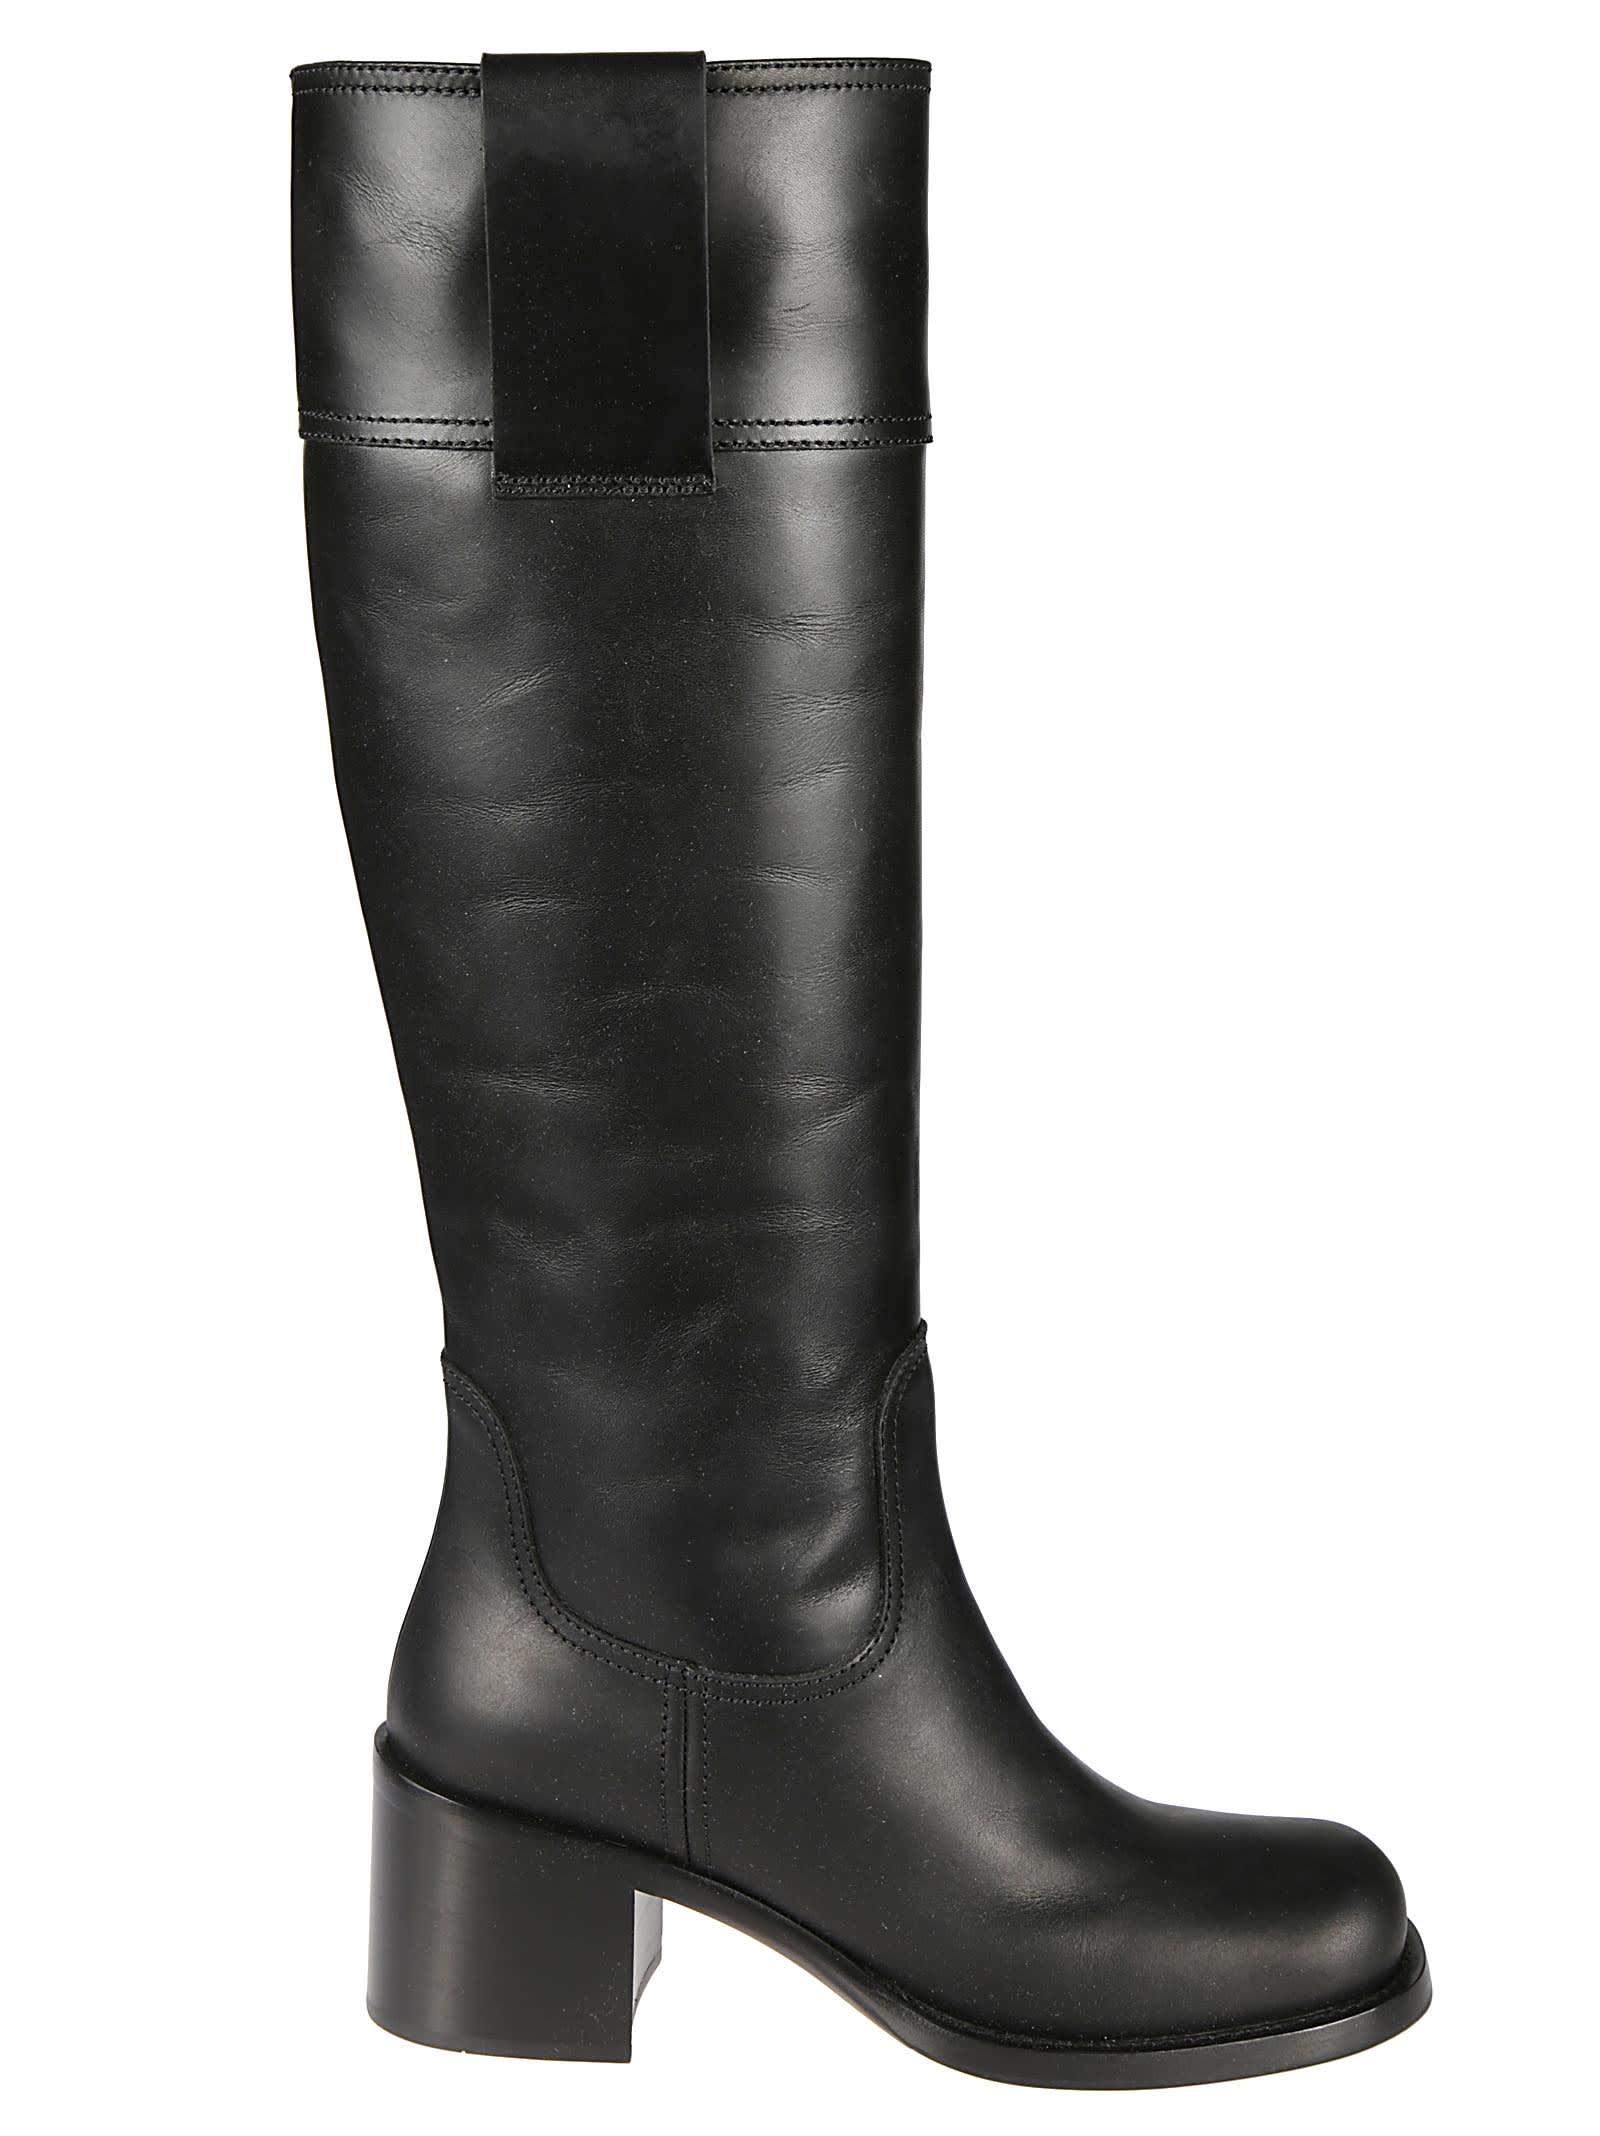 Buy Miu Miu Plain Boots online, shop Miu Miu shoes with free shipping